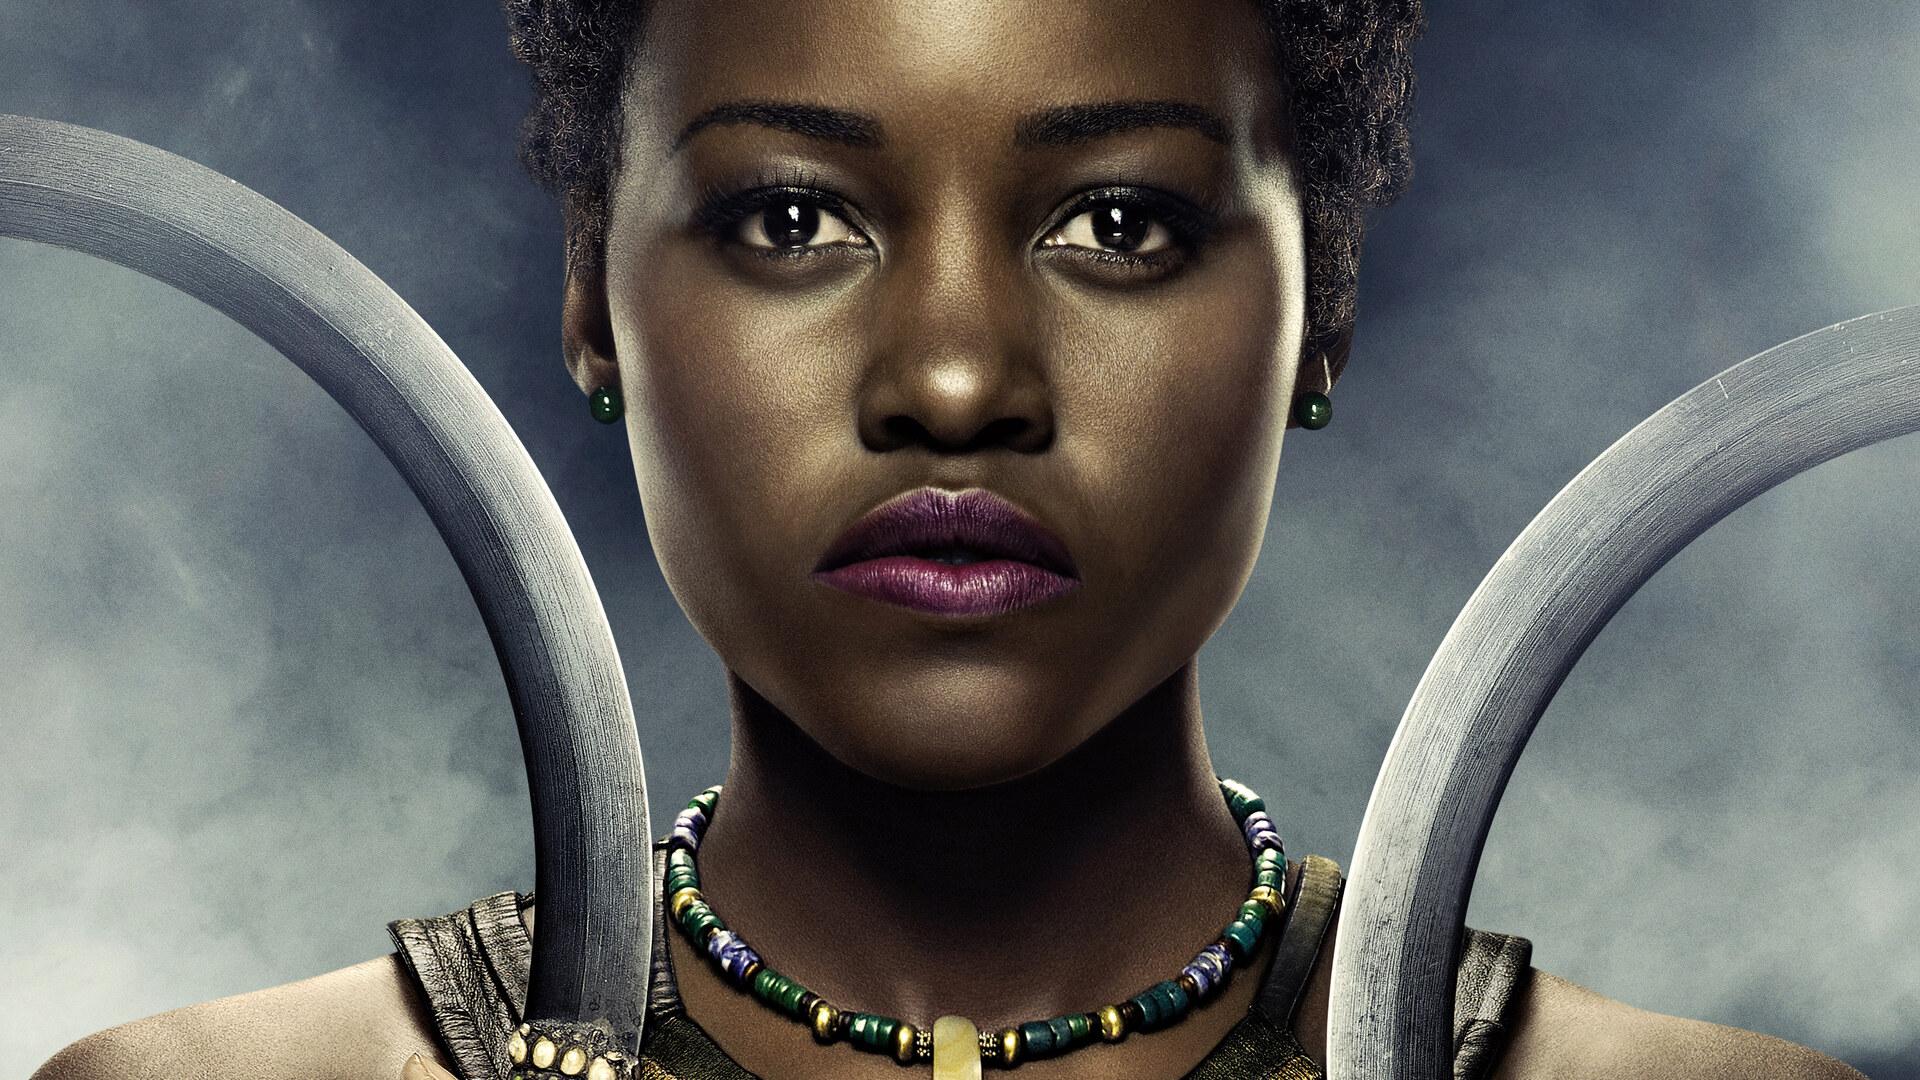 1920X1080 Lupita Nyongo In Black Panther Poster 5K Laptop -4312